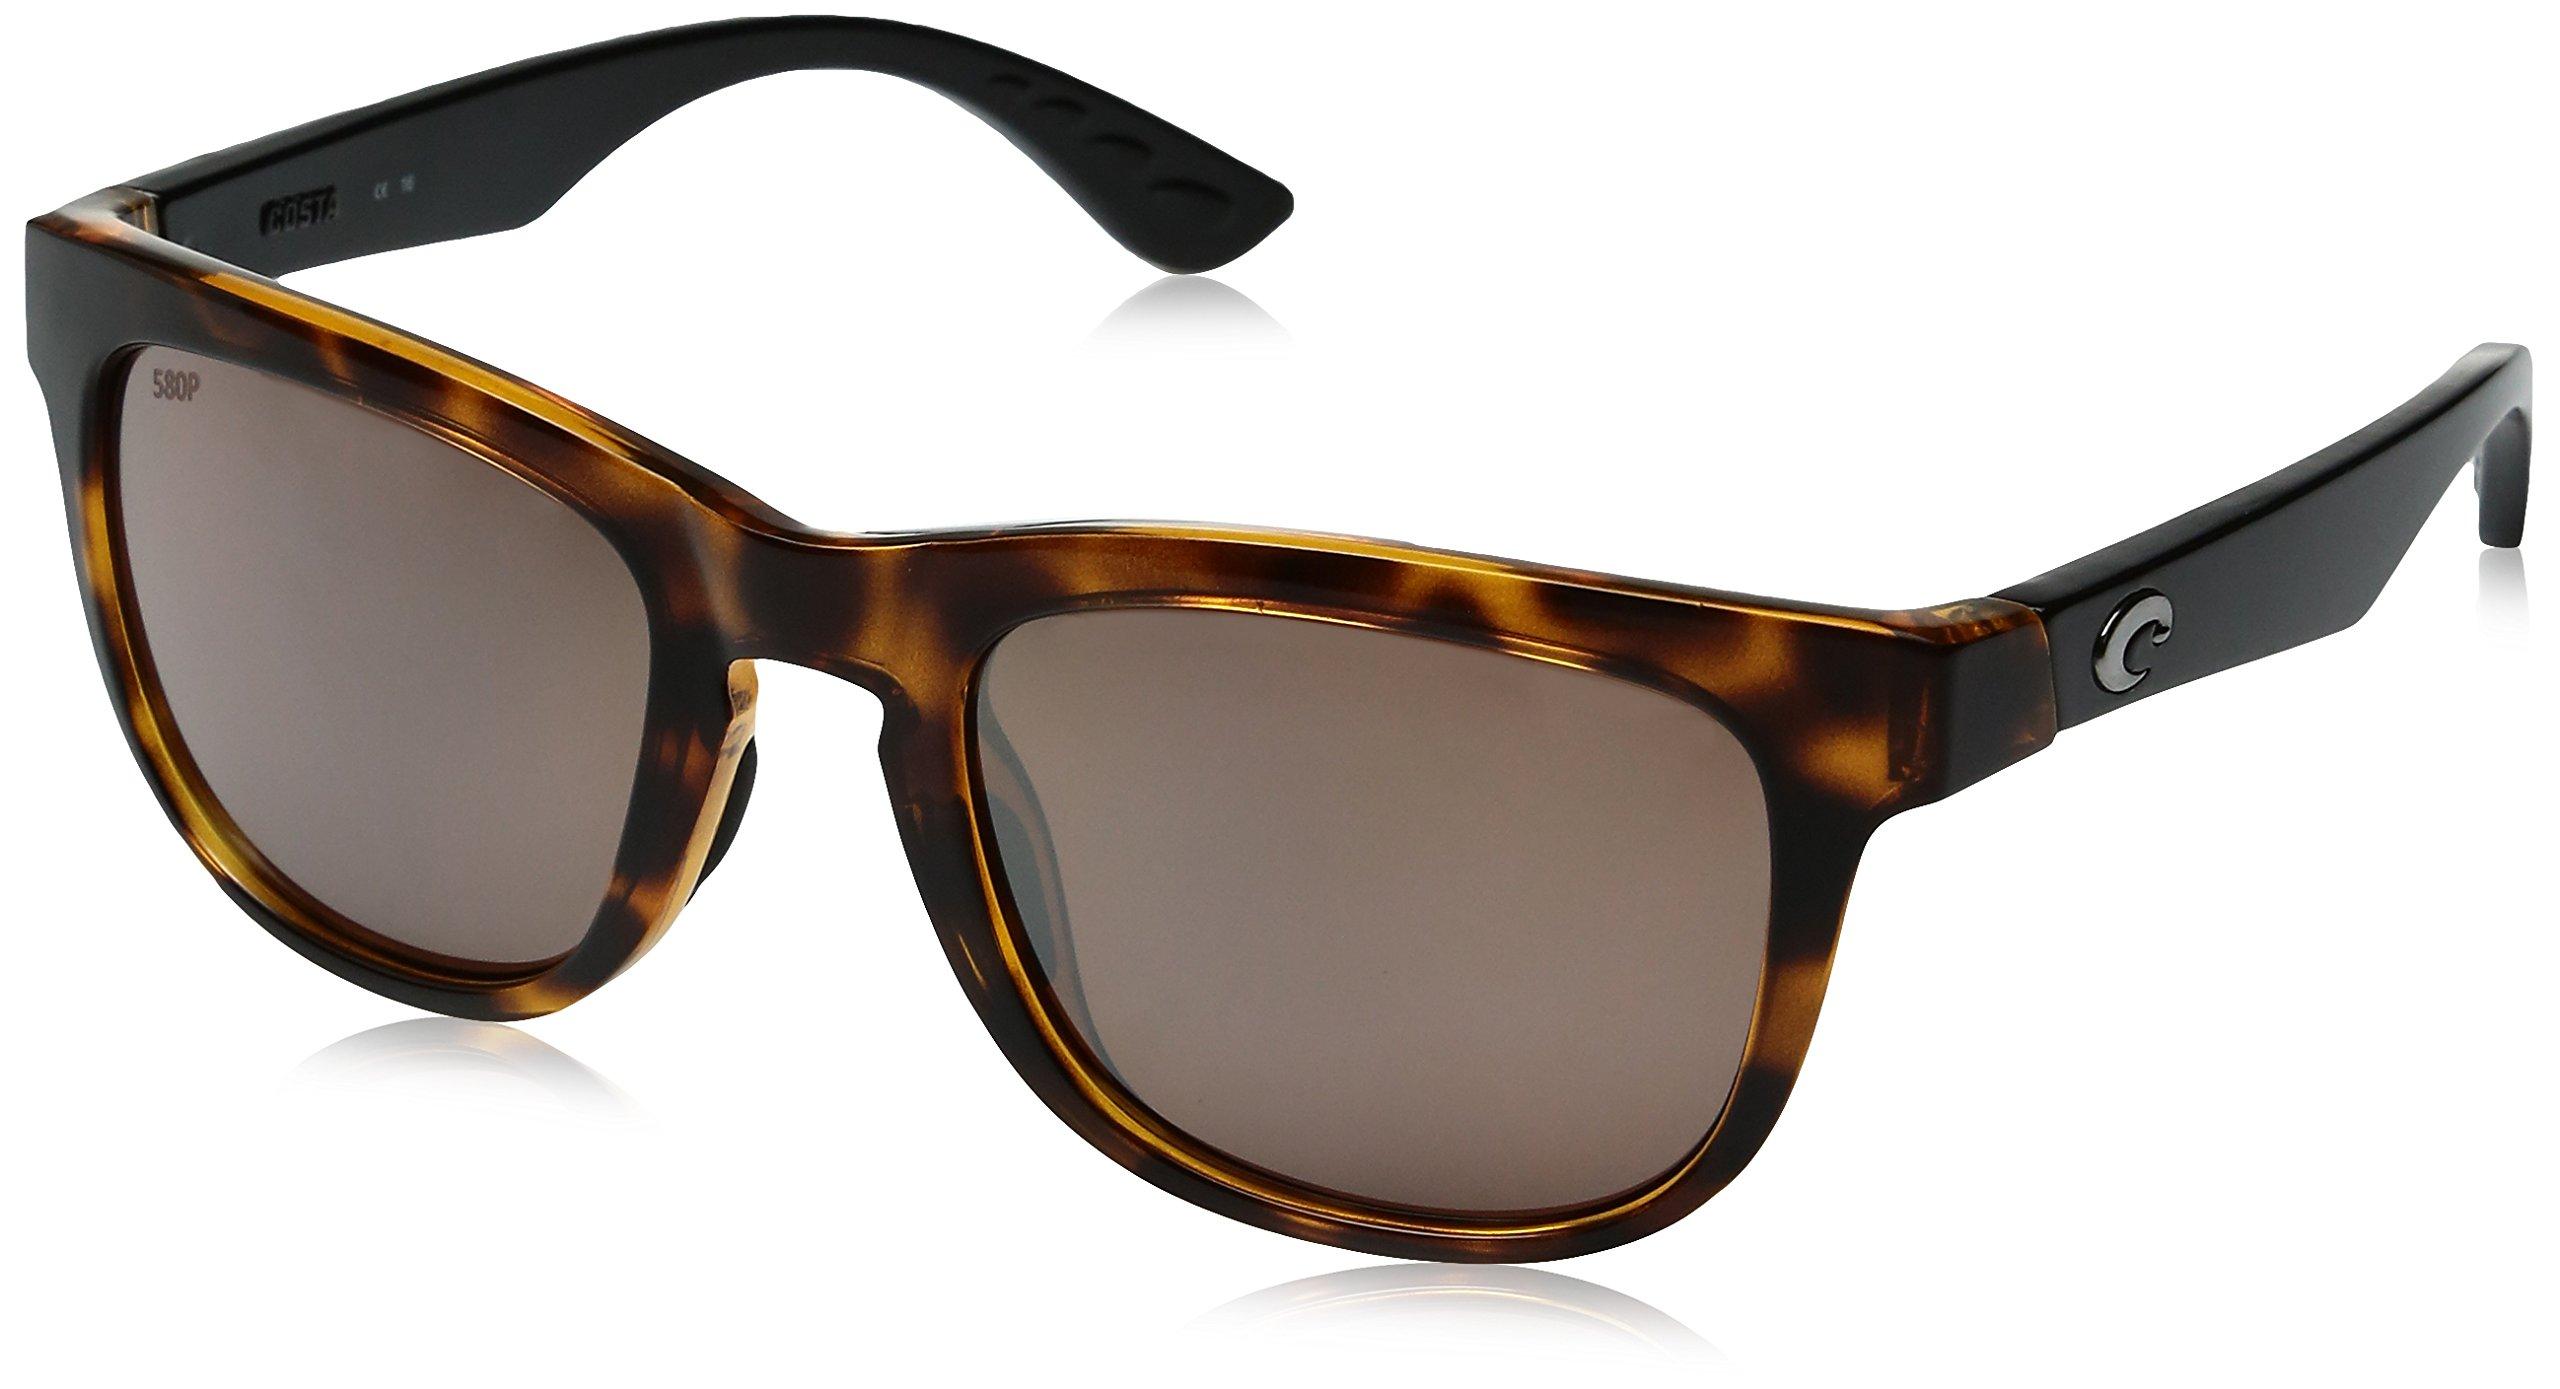 Costa del Mar Copra Polarized Cateye Sunglasses, Retro Tortoise w/Black, 51.9 mm by Costa Del Mar